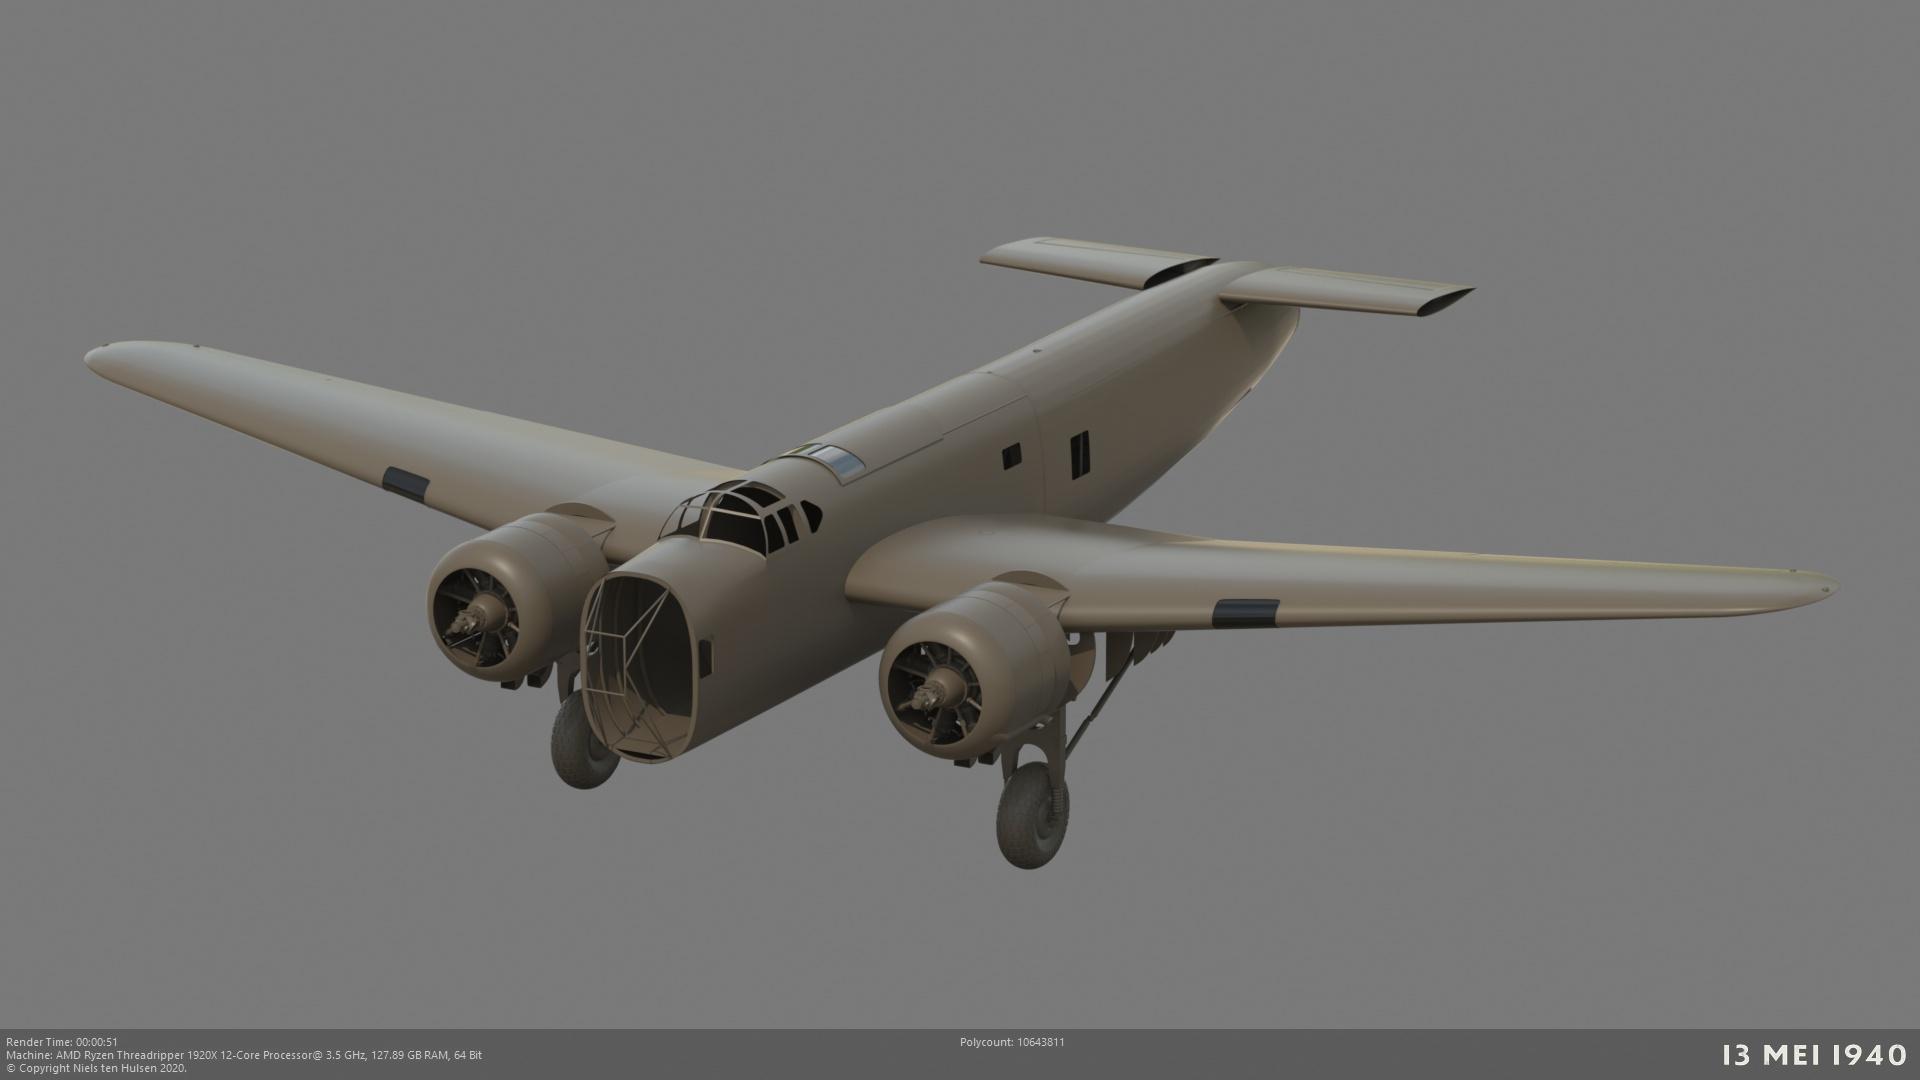 Naam: 001_FokkerT5_motor14.jpg Bekeken: 170 Grootte: 180,9 KB